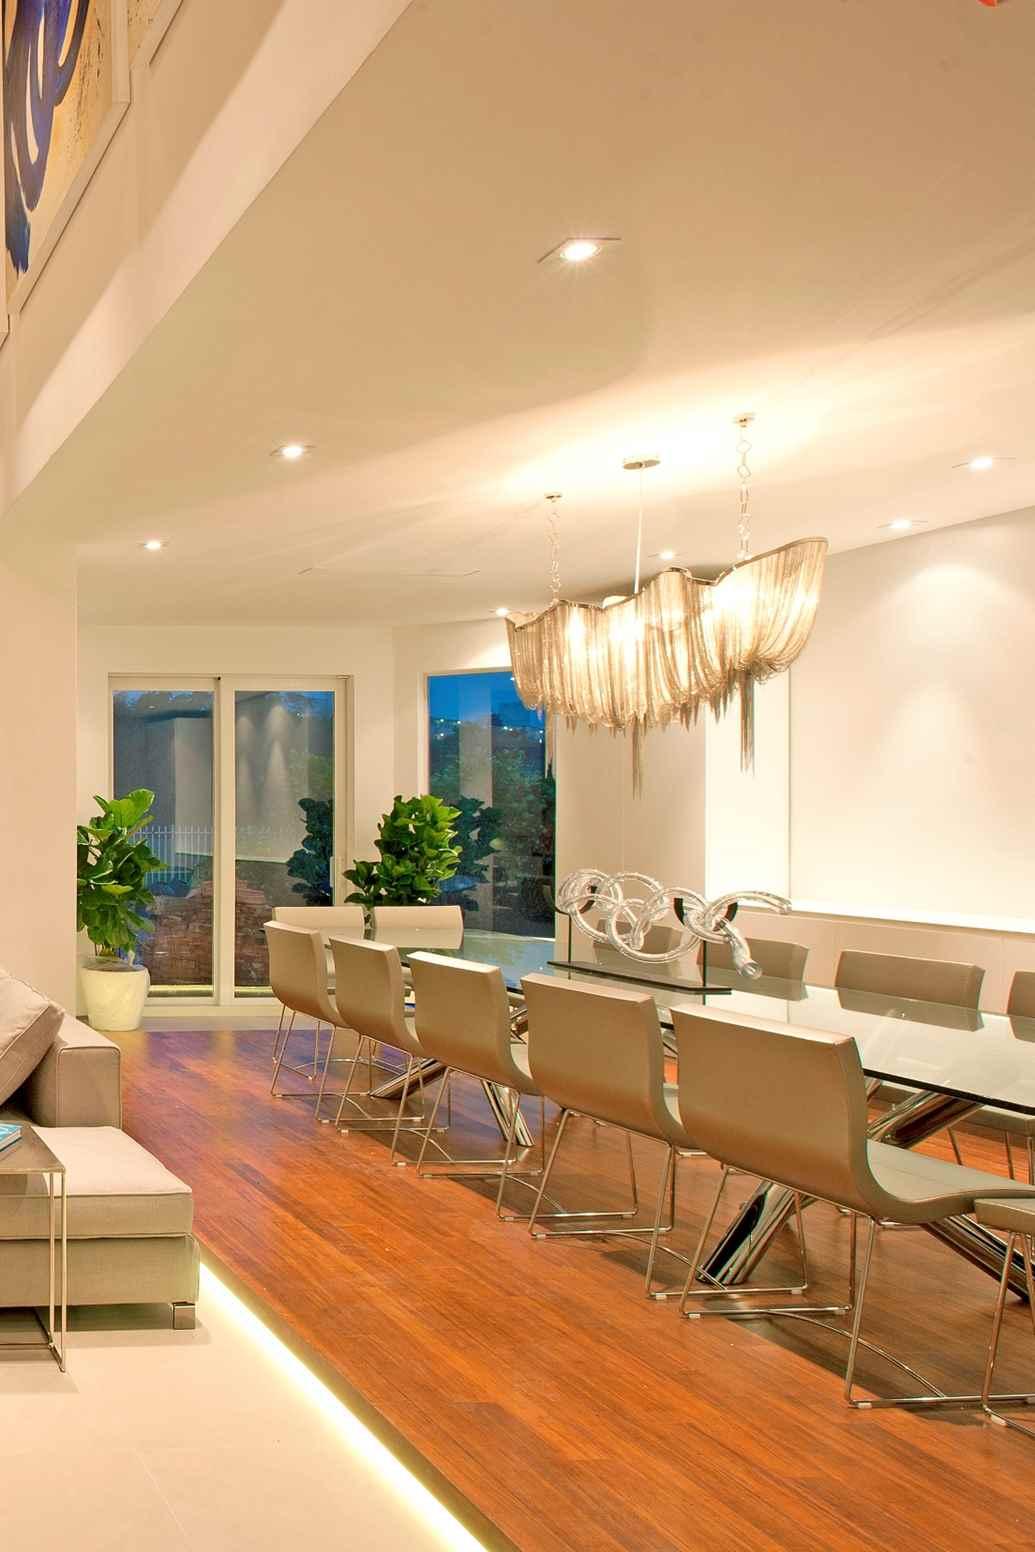 Designer Lighting Inspires our Miami Interiors  Residential Interior Design From DKOR Interiors